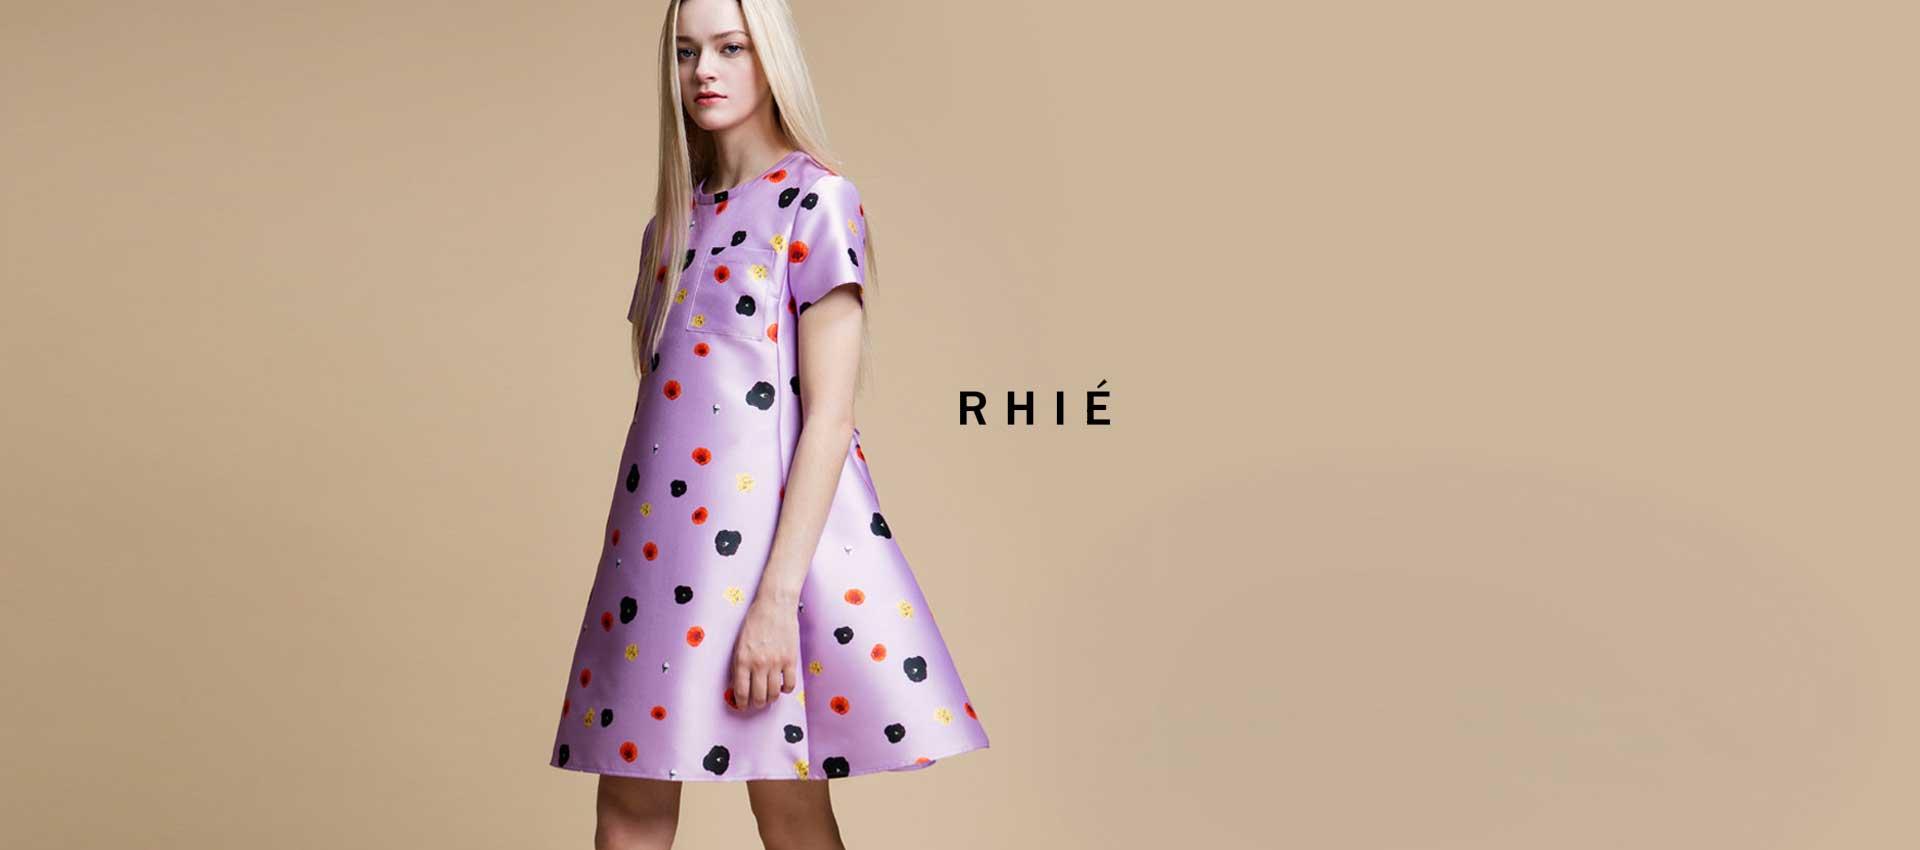 Thông tin tổng quan, khó khăn và kết quả đạt được của dự án Rhie Studio